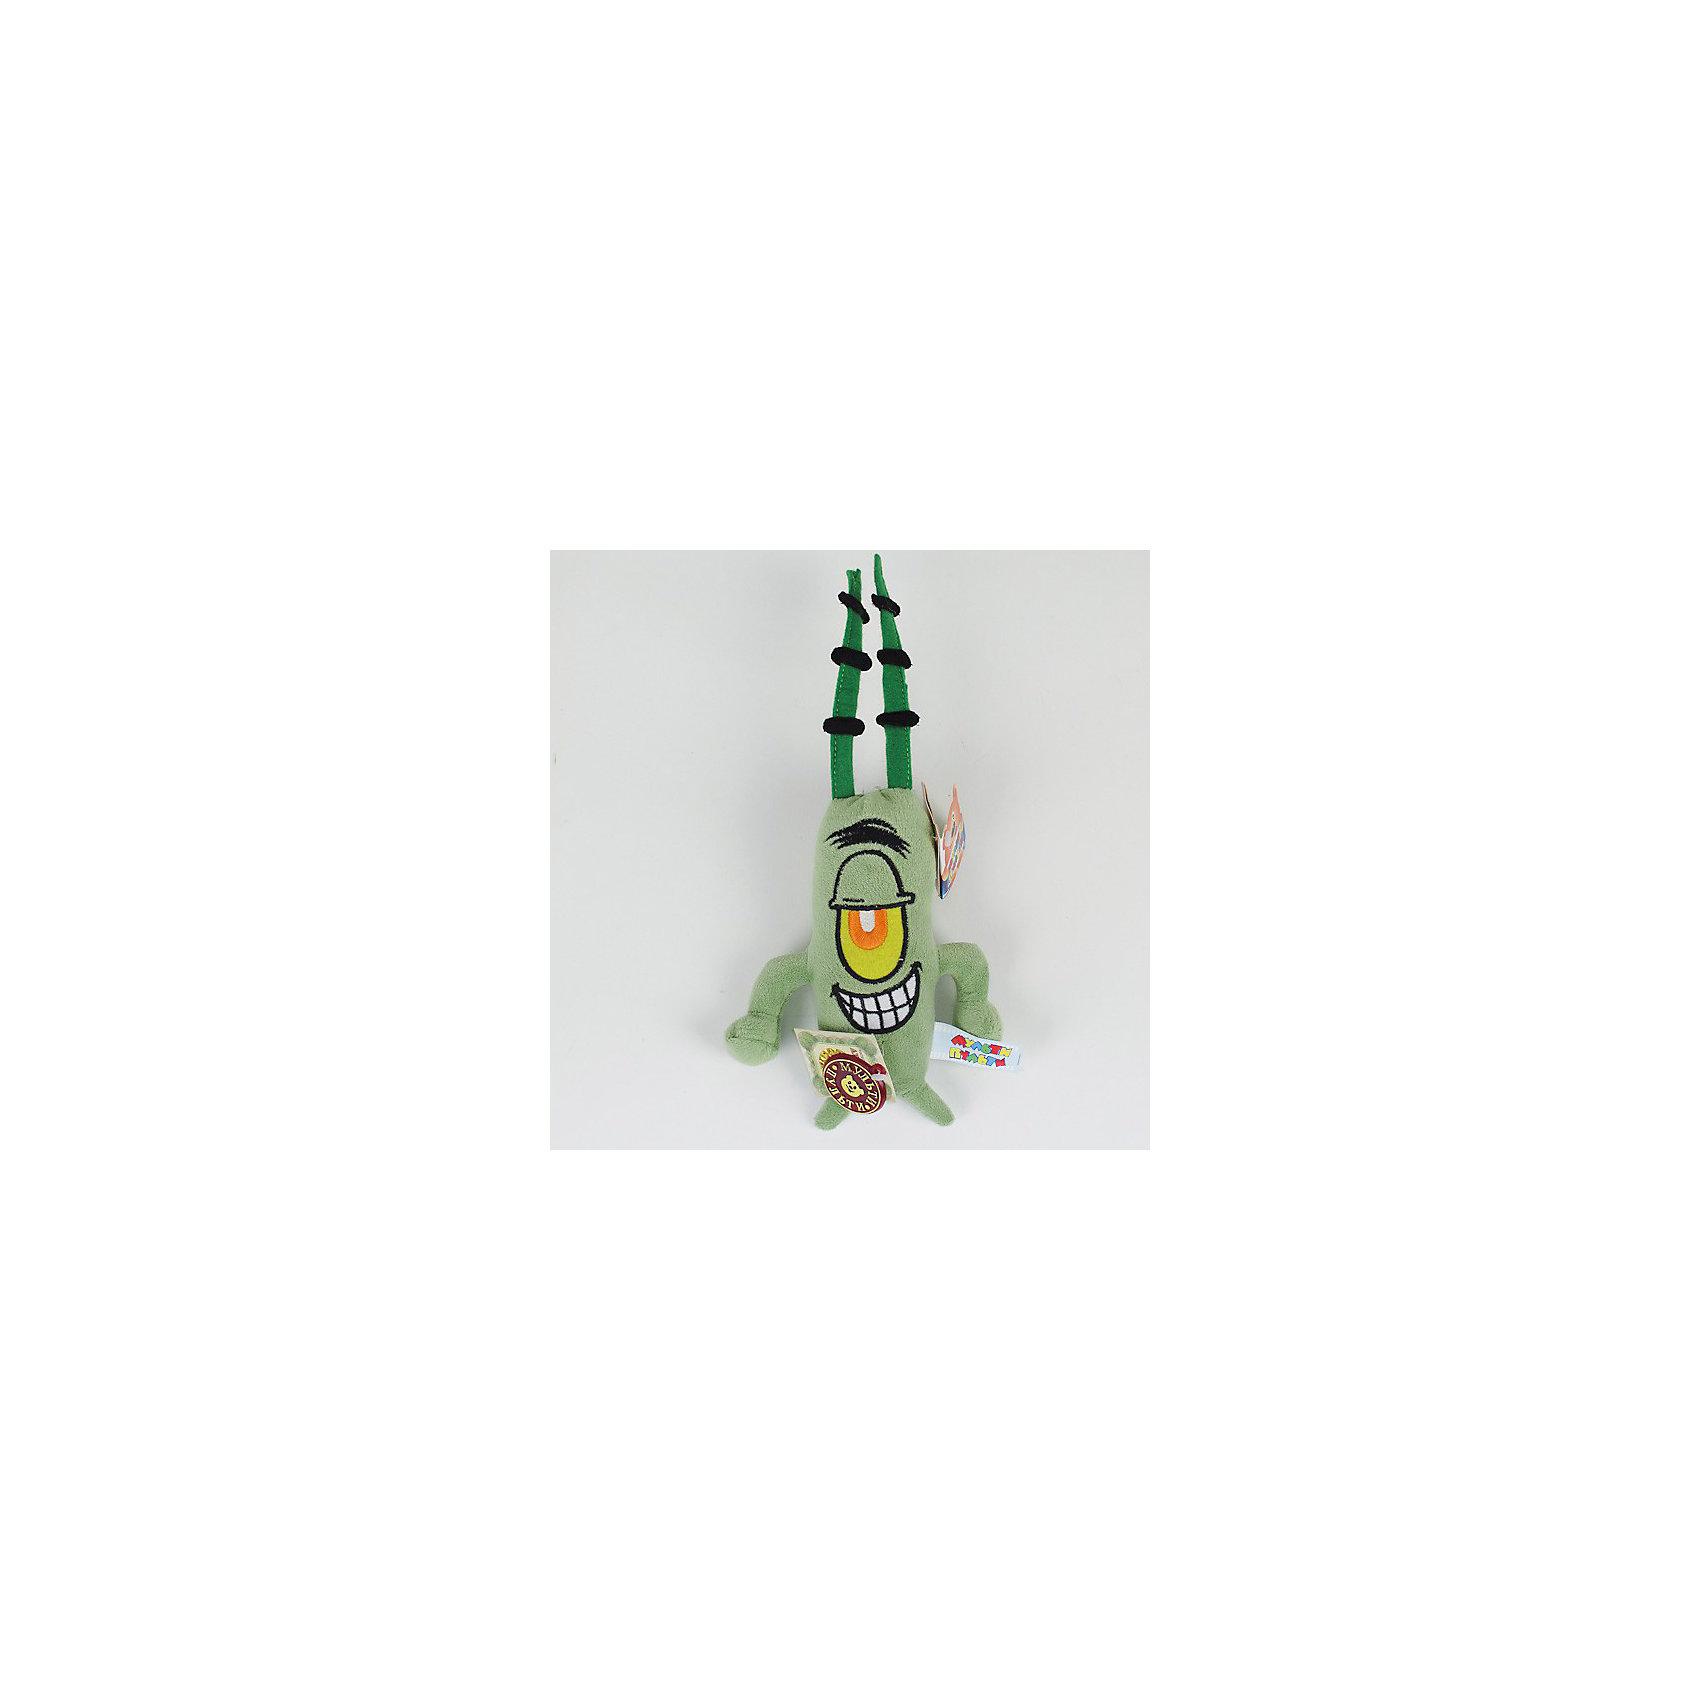 Мягкая игрушка  Планктон, звук, 19 см, Губка Боб, МУЛЬТИ-ПУЛЬТИЛюбимые герои<br>Мягкая игрушка на присоске Планктон от Мульти-Пульти позабавит как ребенка так и взрослого. Планктон – персонаж мультфильмов про Губку Боба, забавное и вредное существо, строящее козни главным персонажам мультфильма. Игрушка озвучена, если нажать на нее, можно услышать фразы из мультфильма.<br><br>Дополнительная информация:<br><br>- Материал: плюш, текстиль, синтепон.<br>- Требуются батарейки: 3* LR44 (входят в комплект).<br>- Размер: 19 см.<br>- Размер упаковки: 17 х 31 х 5,5 см.<br>- Вес: 0,08 кг. <br><br>Мягкую игрушку Планктон (Губка Боб) от Мульти-Пульти можно купить в нашем магазине.<br><br>Ширина мм: 114<br>Глубина мм: 114<br>Высота мм: 190<br>Вес г: 52<br>Возраст от месяцев: 18<br>Возраст до месяцев: 144<br>Пол: Унисекс<br>Возраст: Детский<br>SKU: 3143904